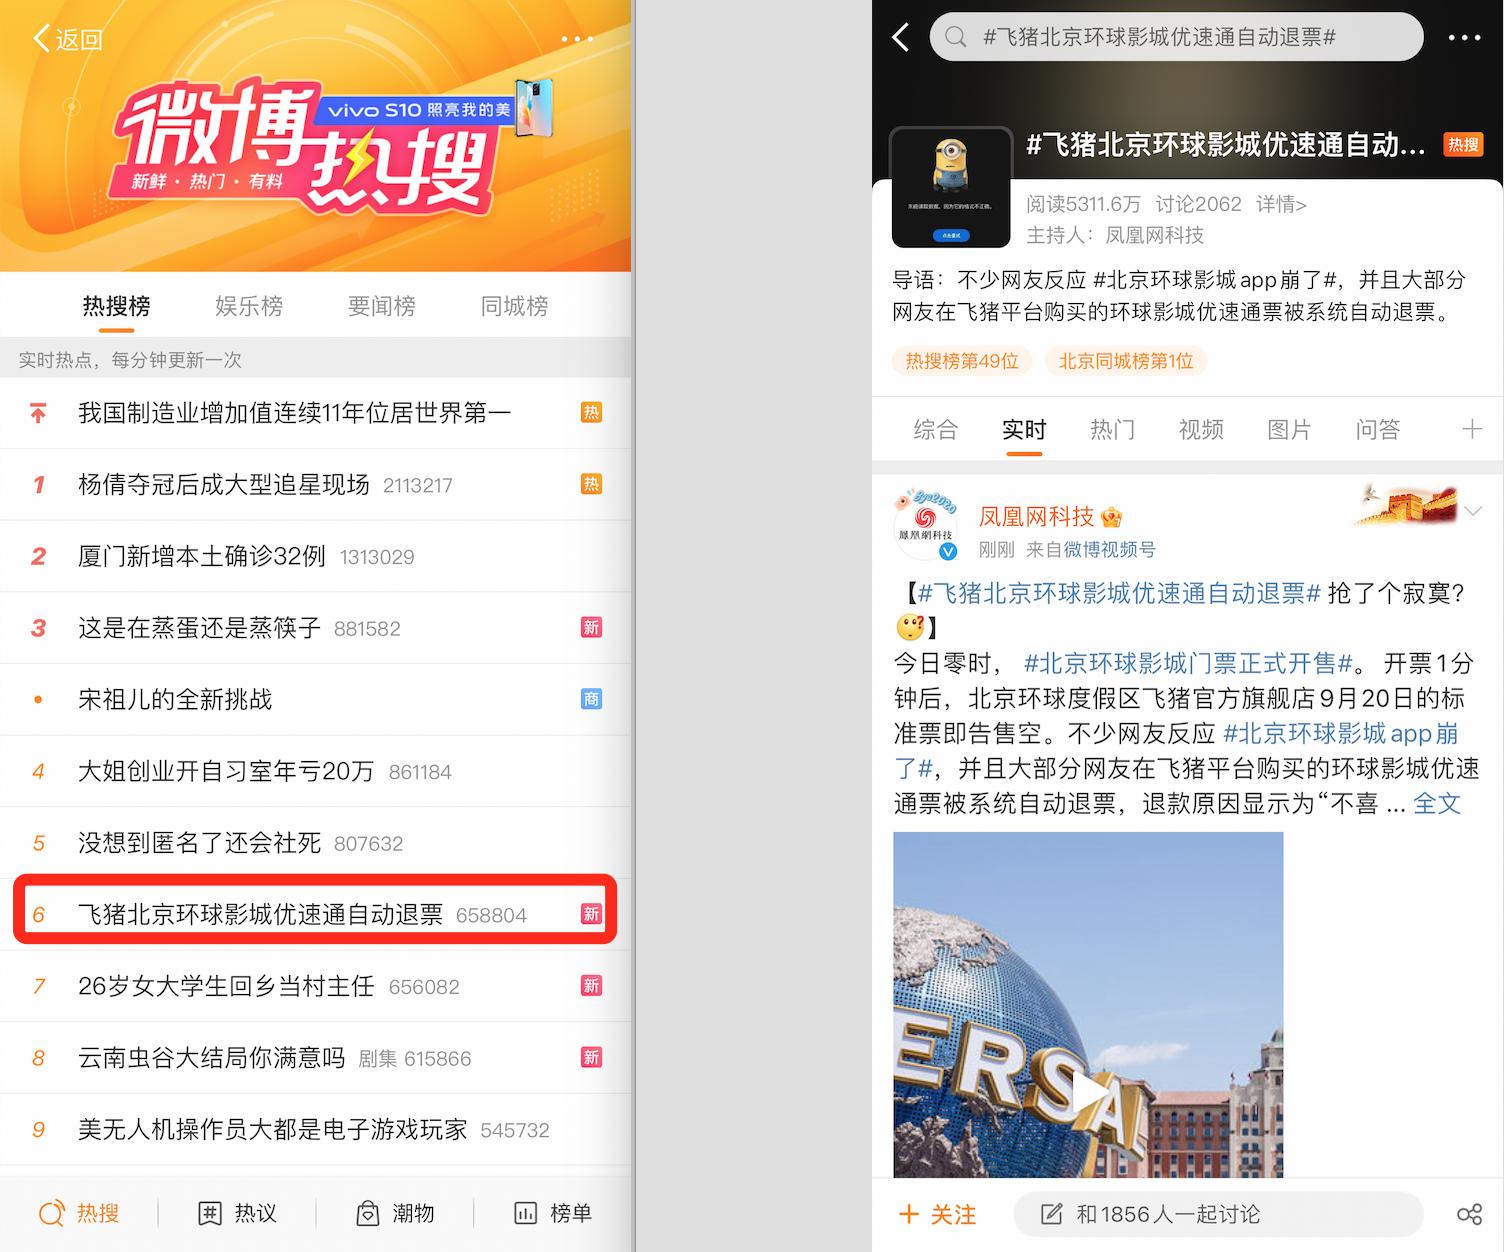 飞猪北京环球影城优速通自动退票